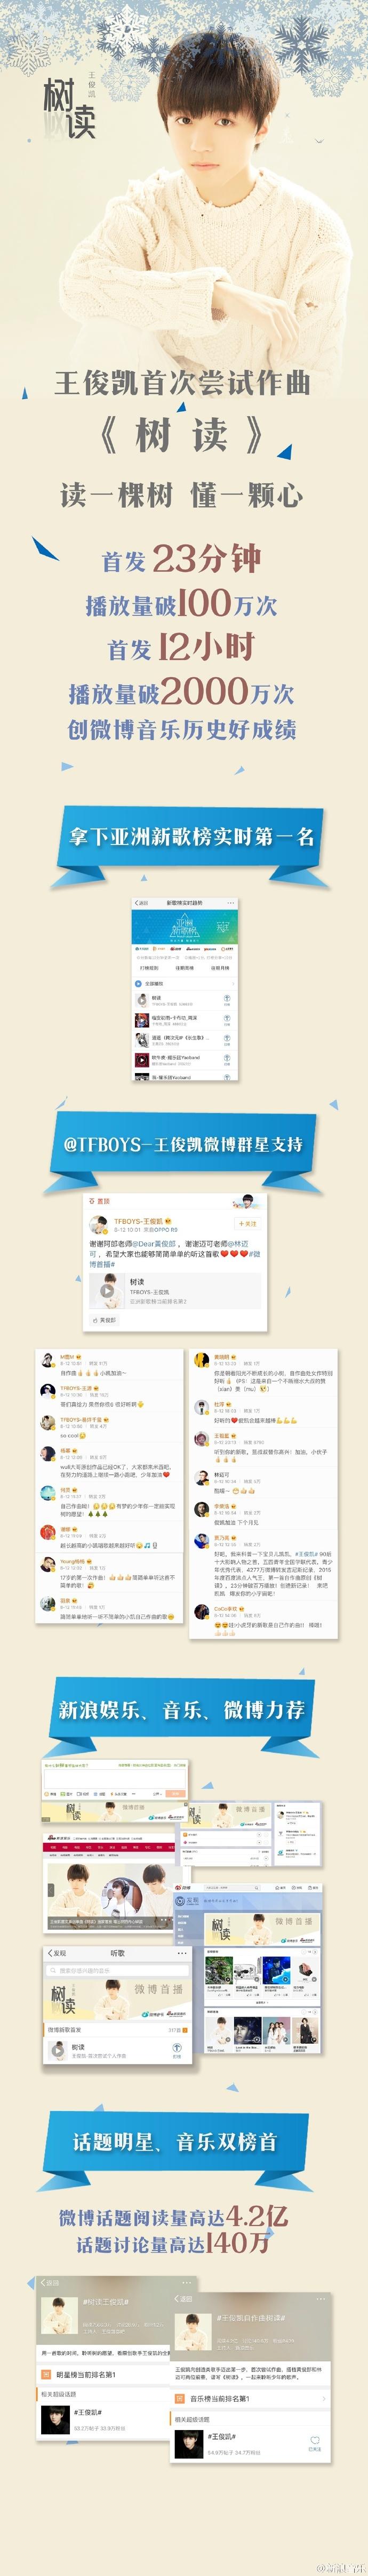 【160815】王俊凯《树读》成绩不俗 播放量超7500万